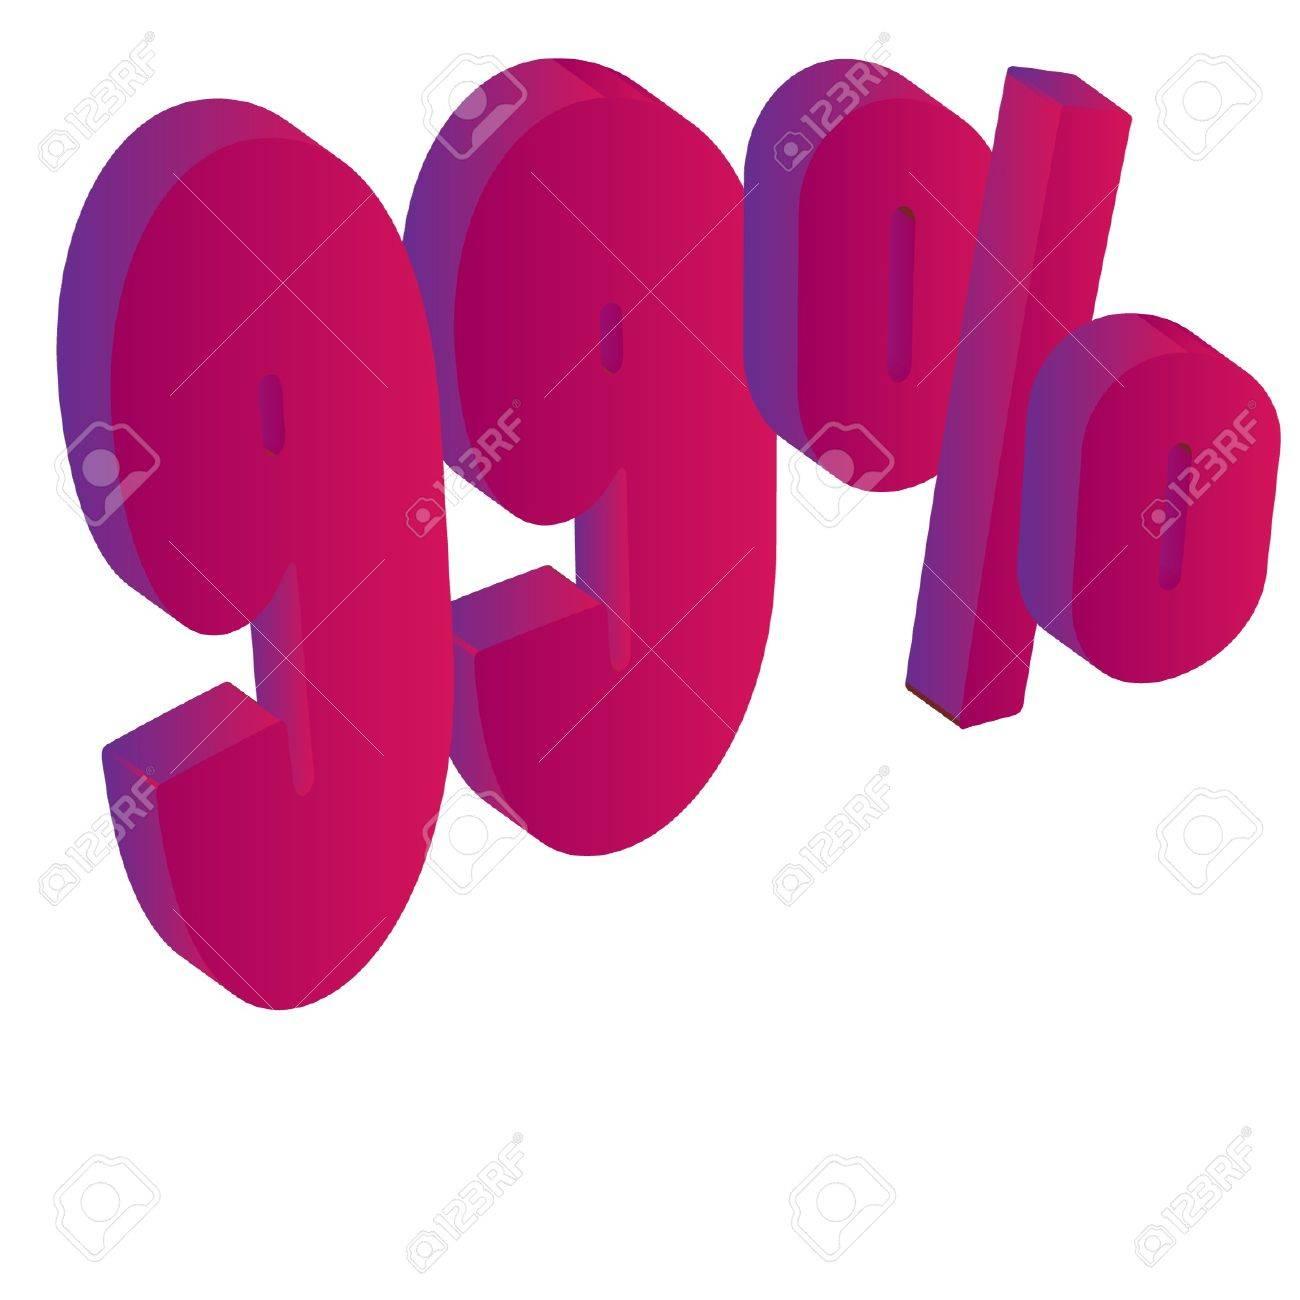 99 Percent 3D Vector Illustration Stock Vector - 16008303